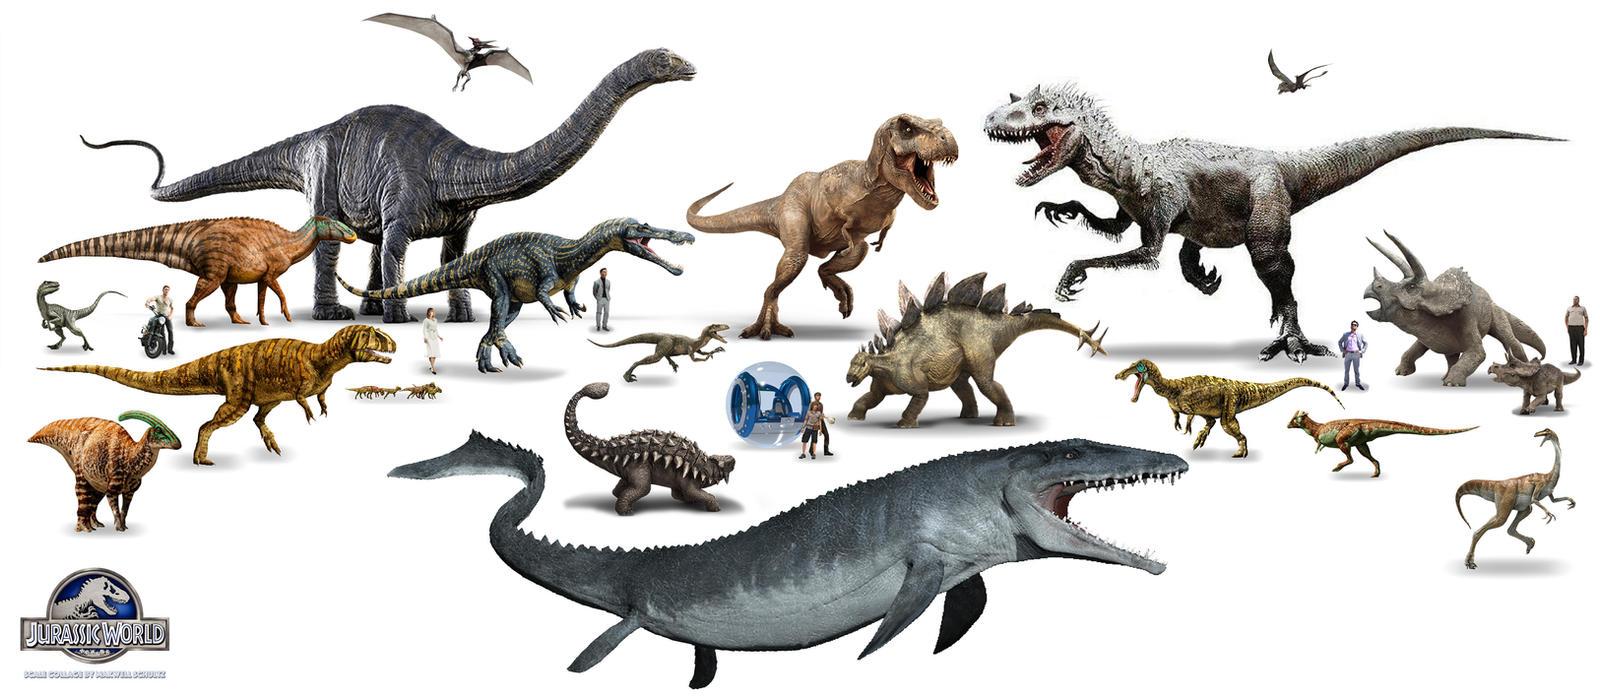 Spoiler Les Dinosaures De JP4 Page 266 Jurassic World Jurassic Parkfr Le Forum